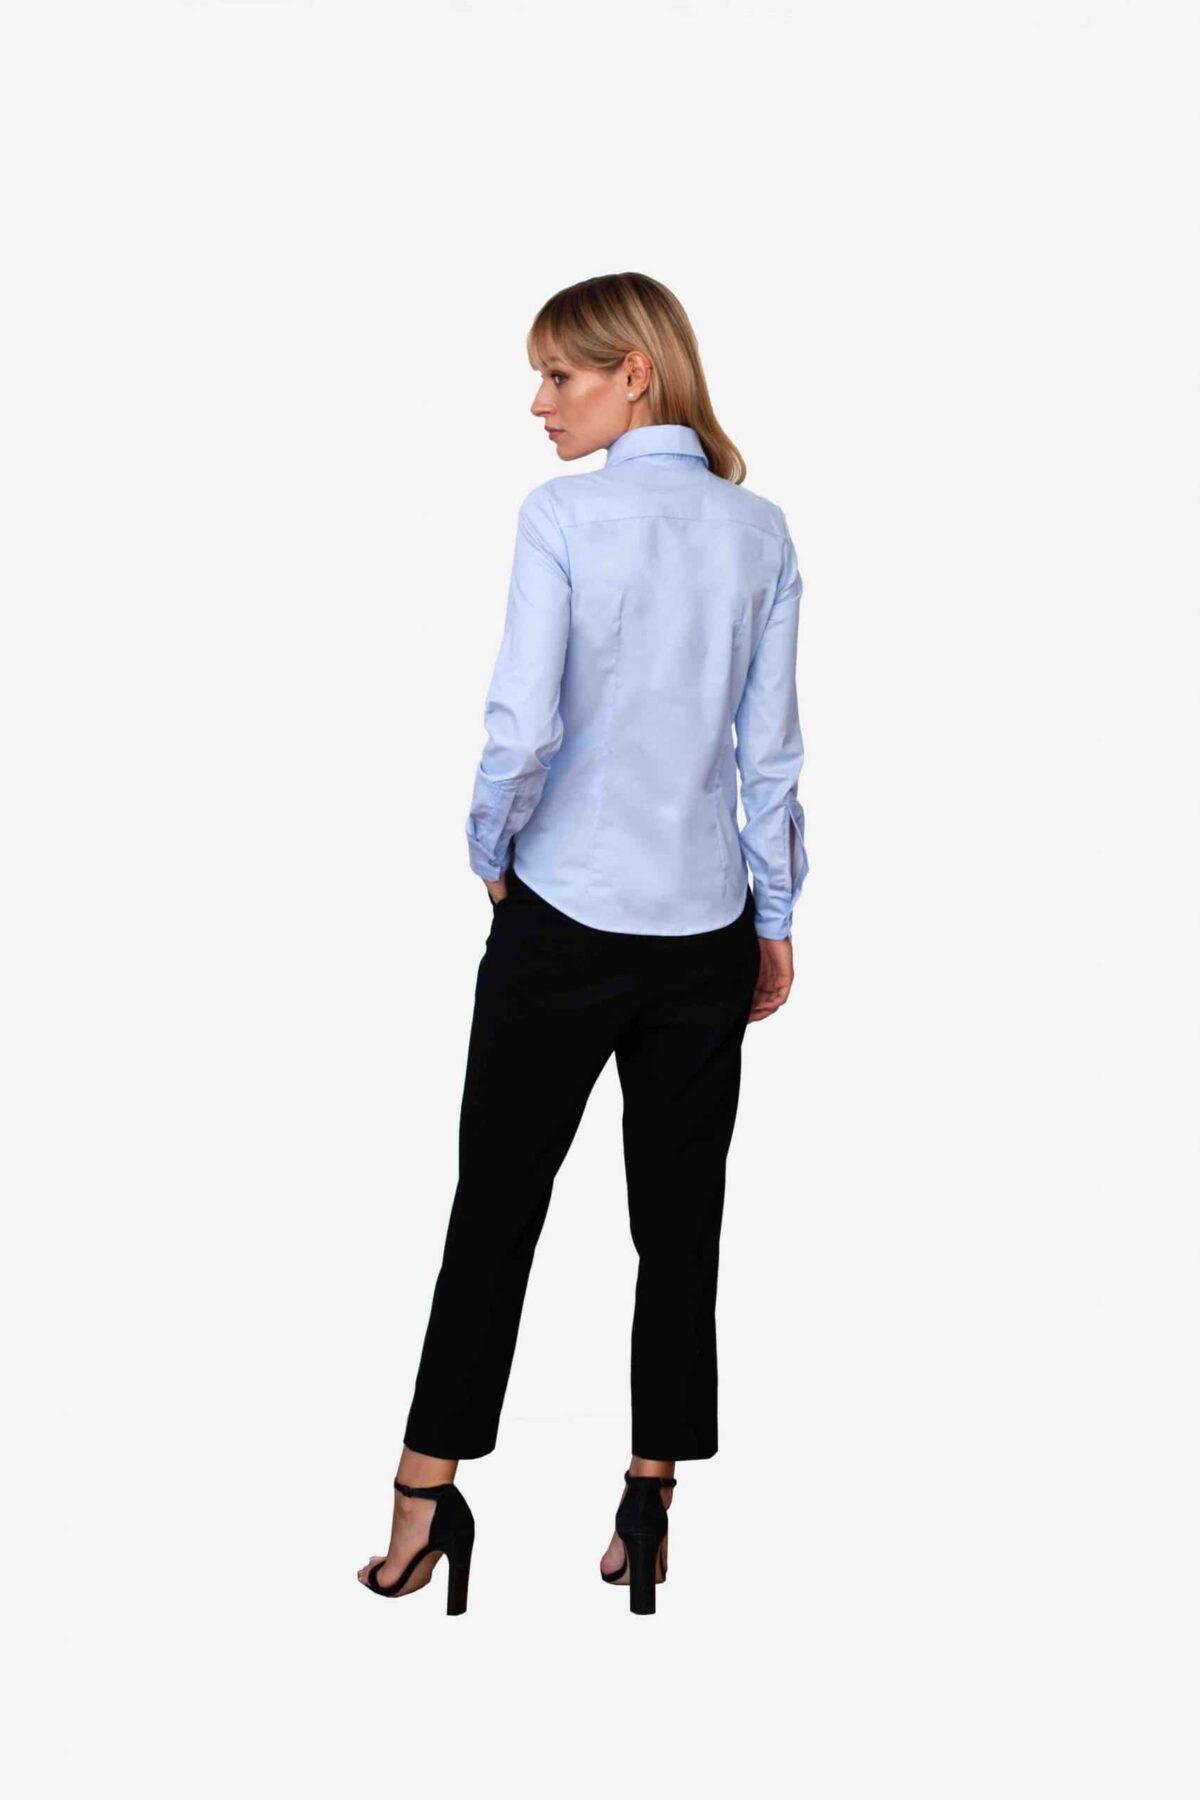 Bluse Ella von SANOGE. Klassische Business Bluse in blau mit New York Kent Kragen. Slim Fit, figurbetont. Made in Germany.